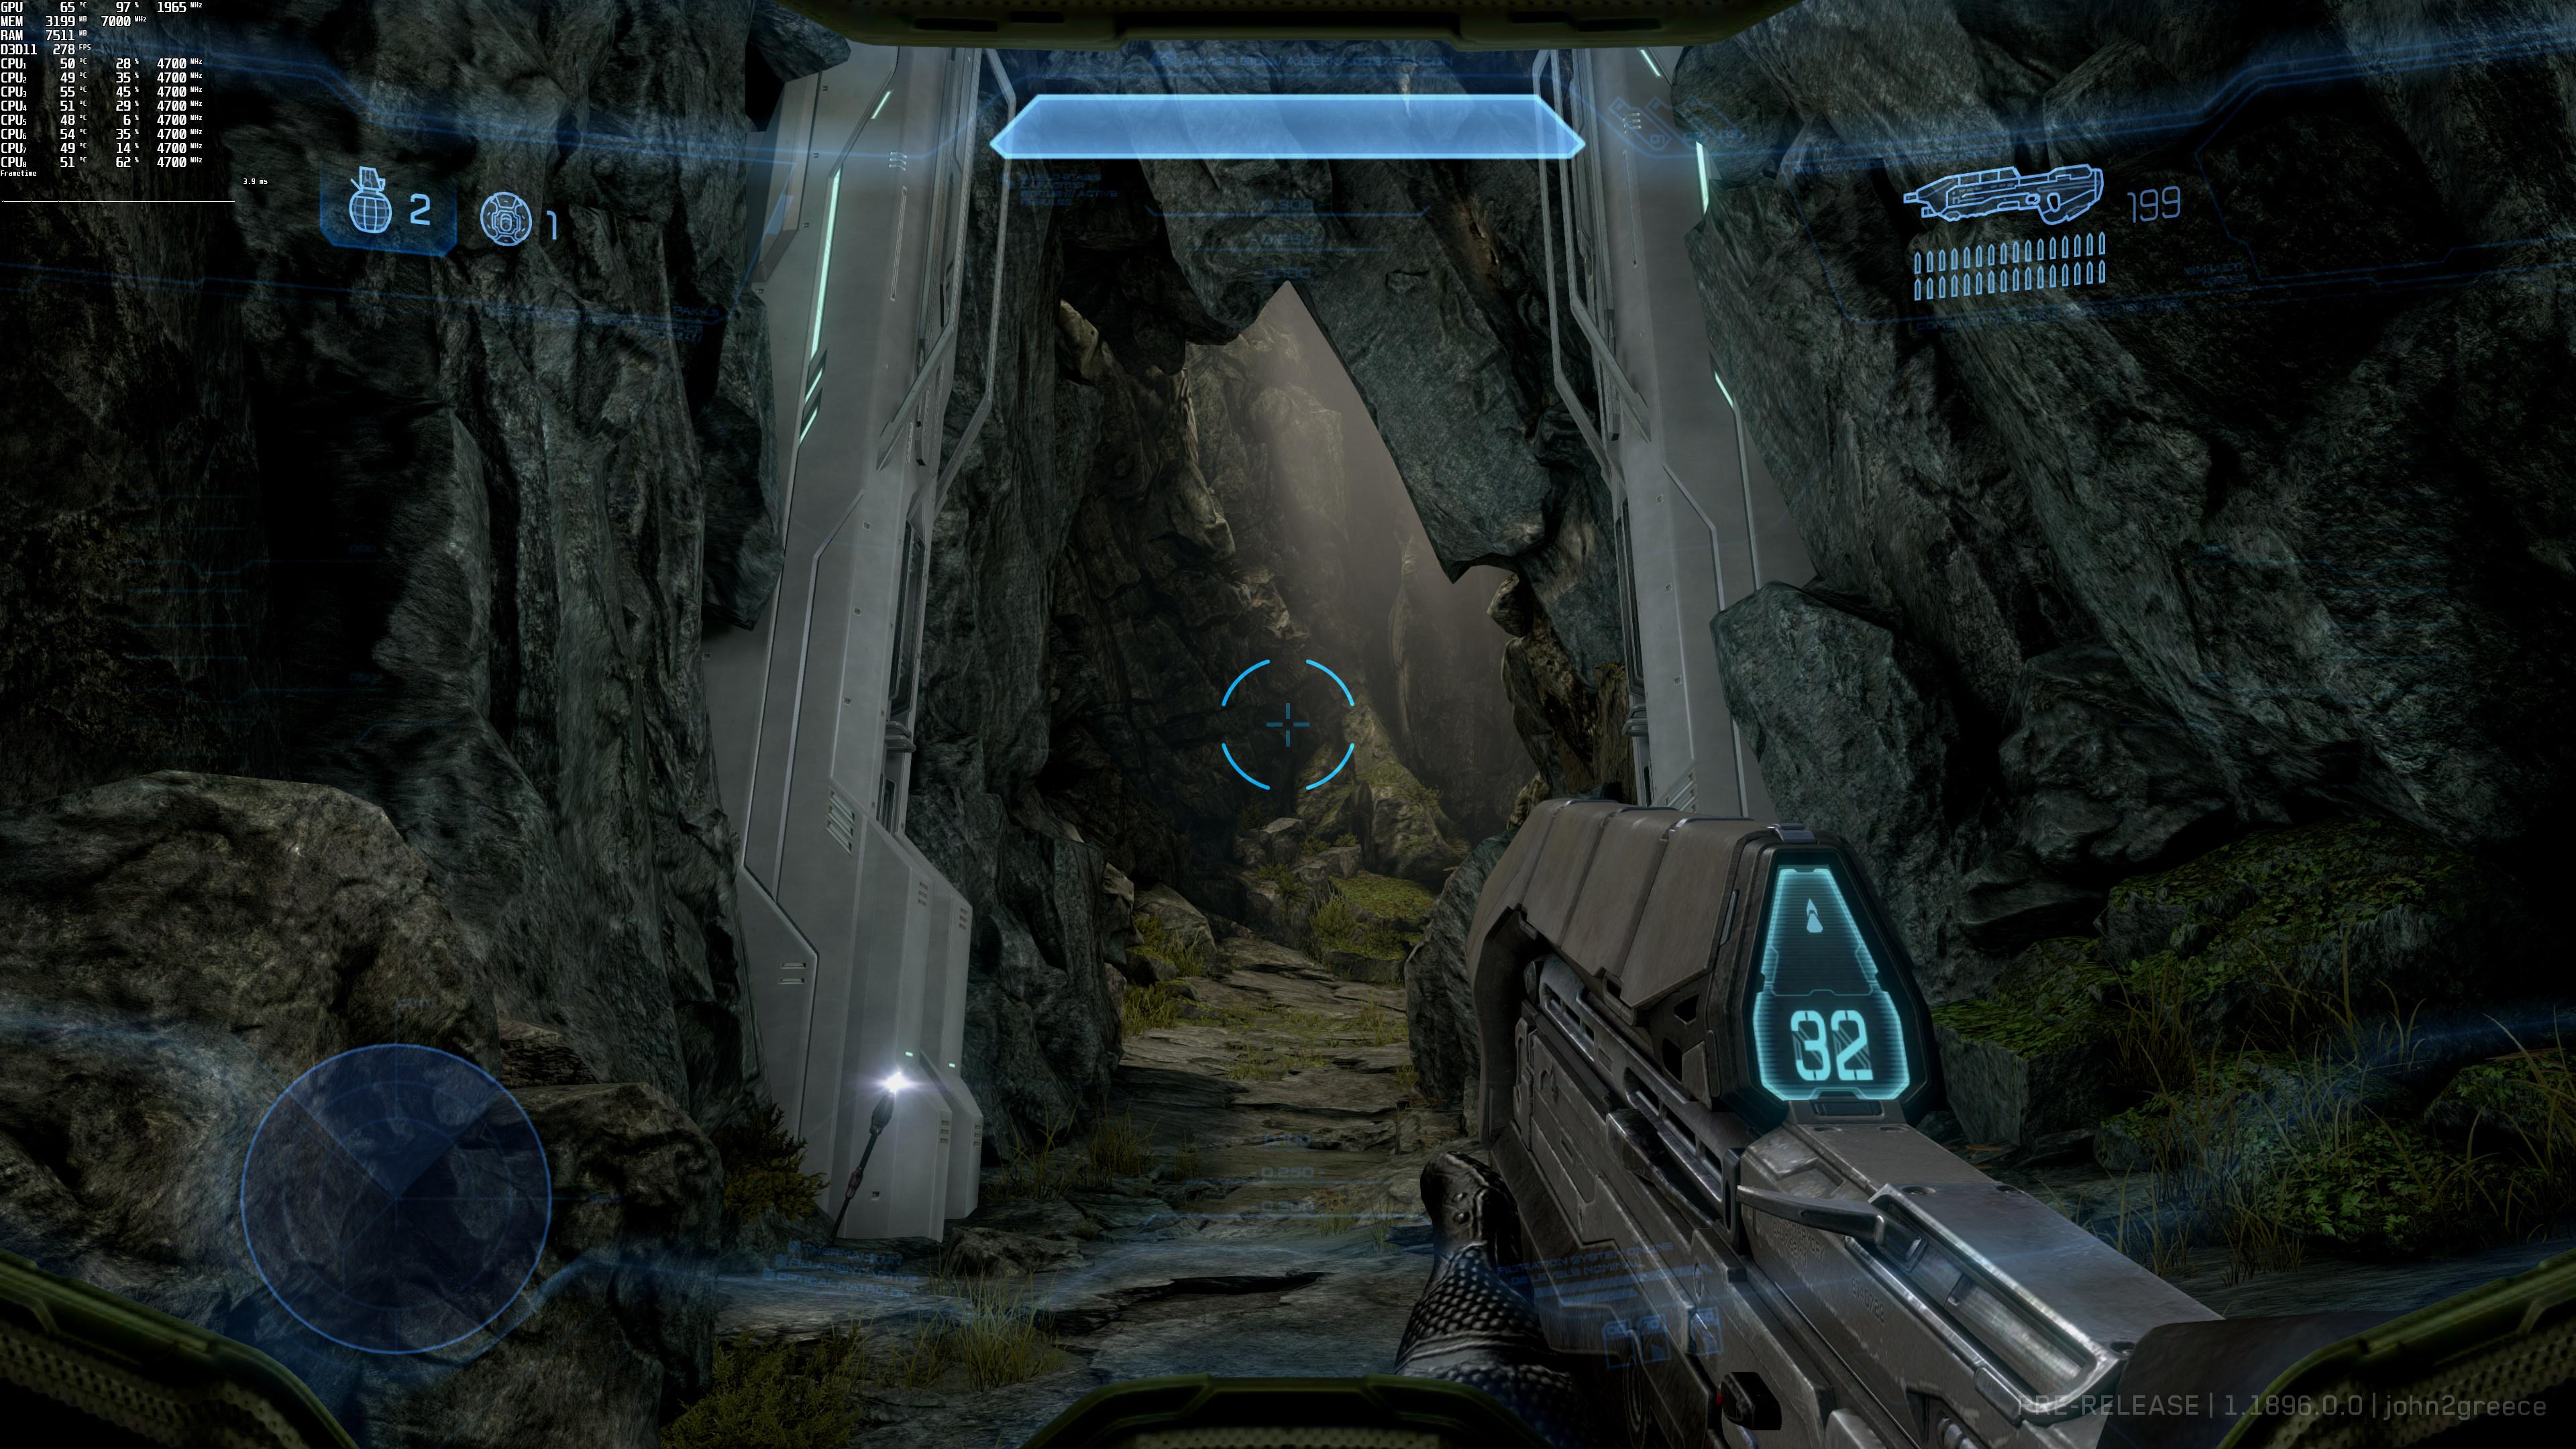 《光环4》4K游戏截图曝光 史诗级画面效果展示